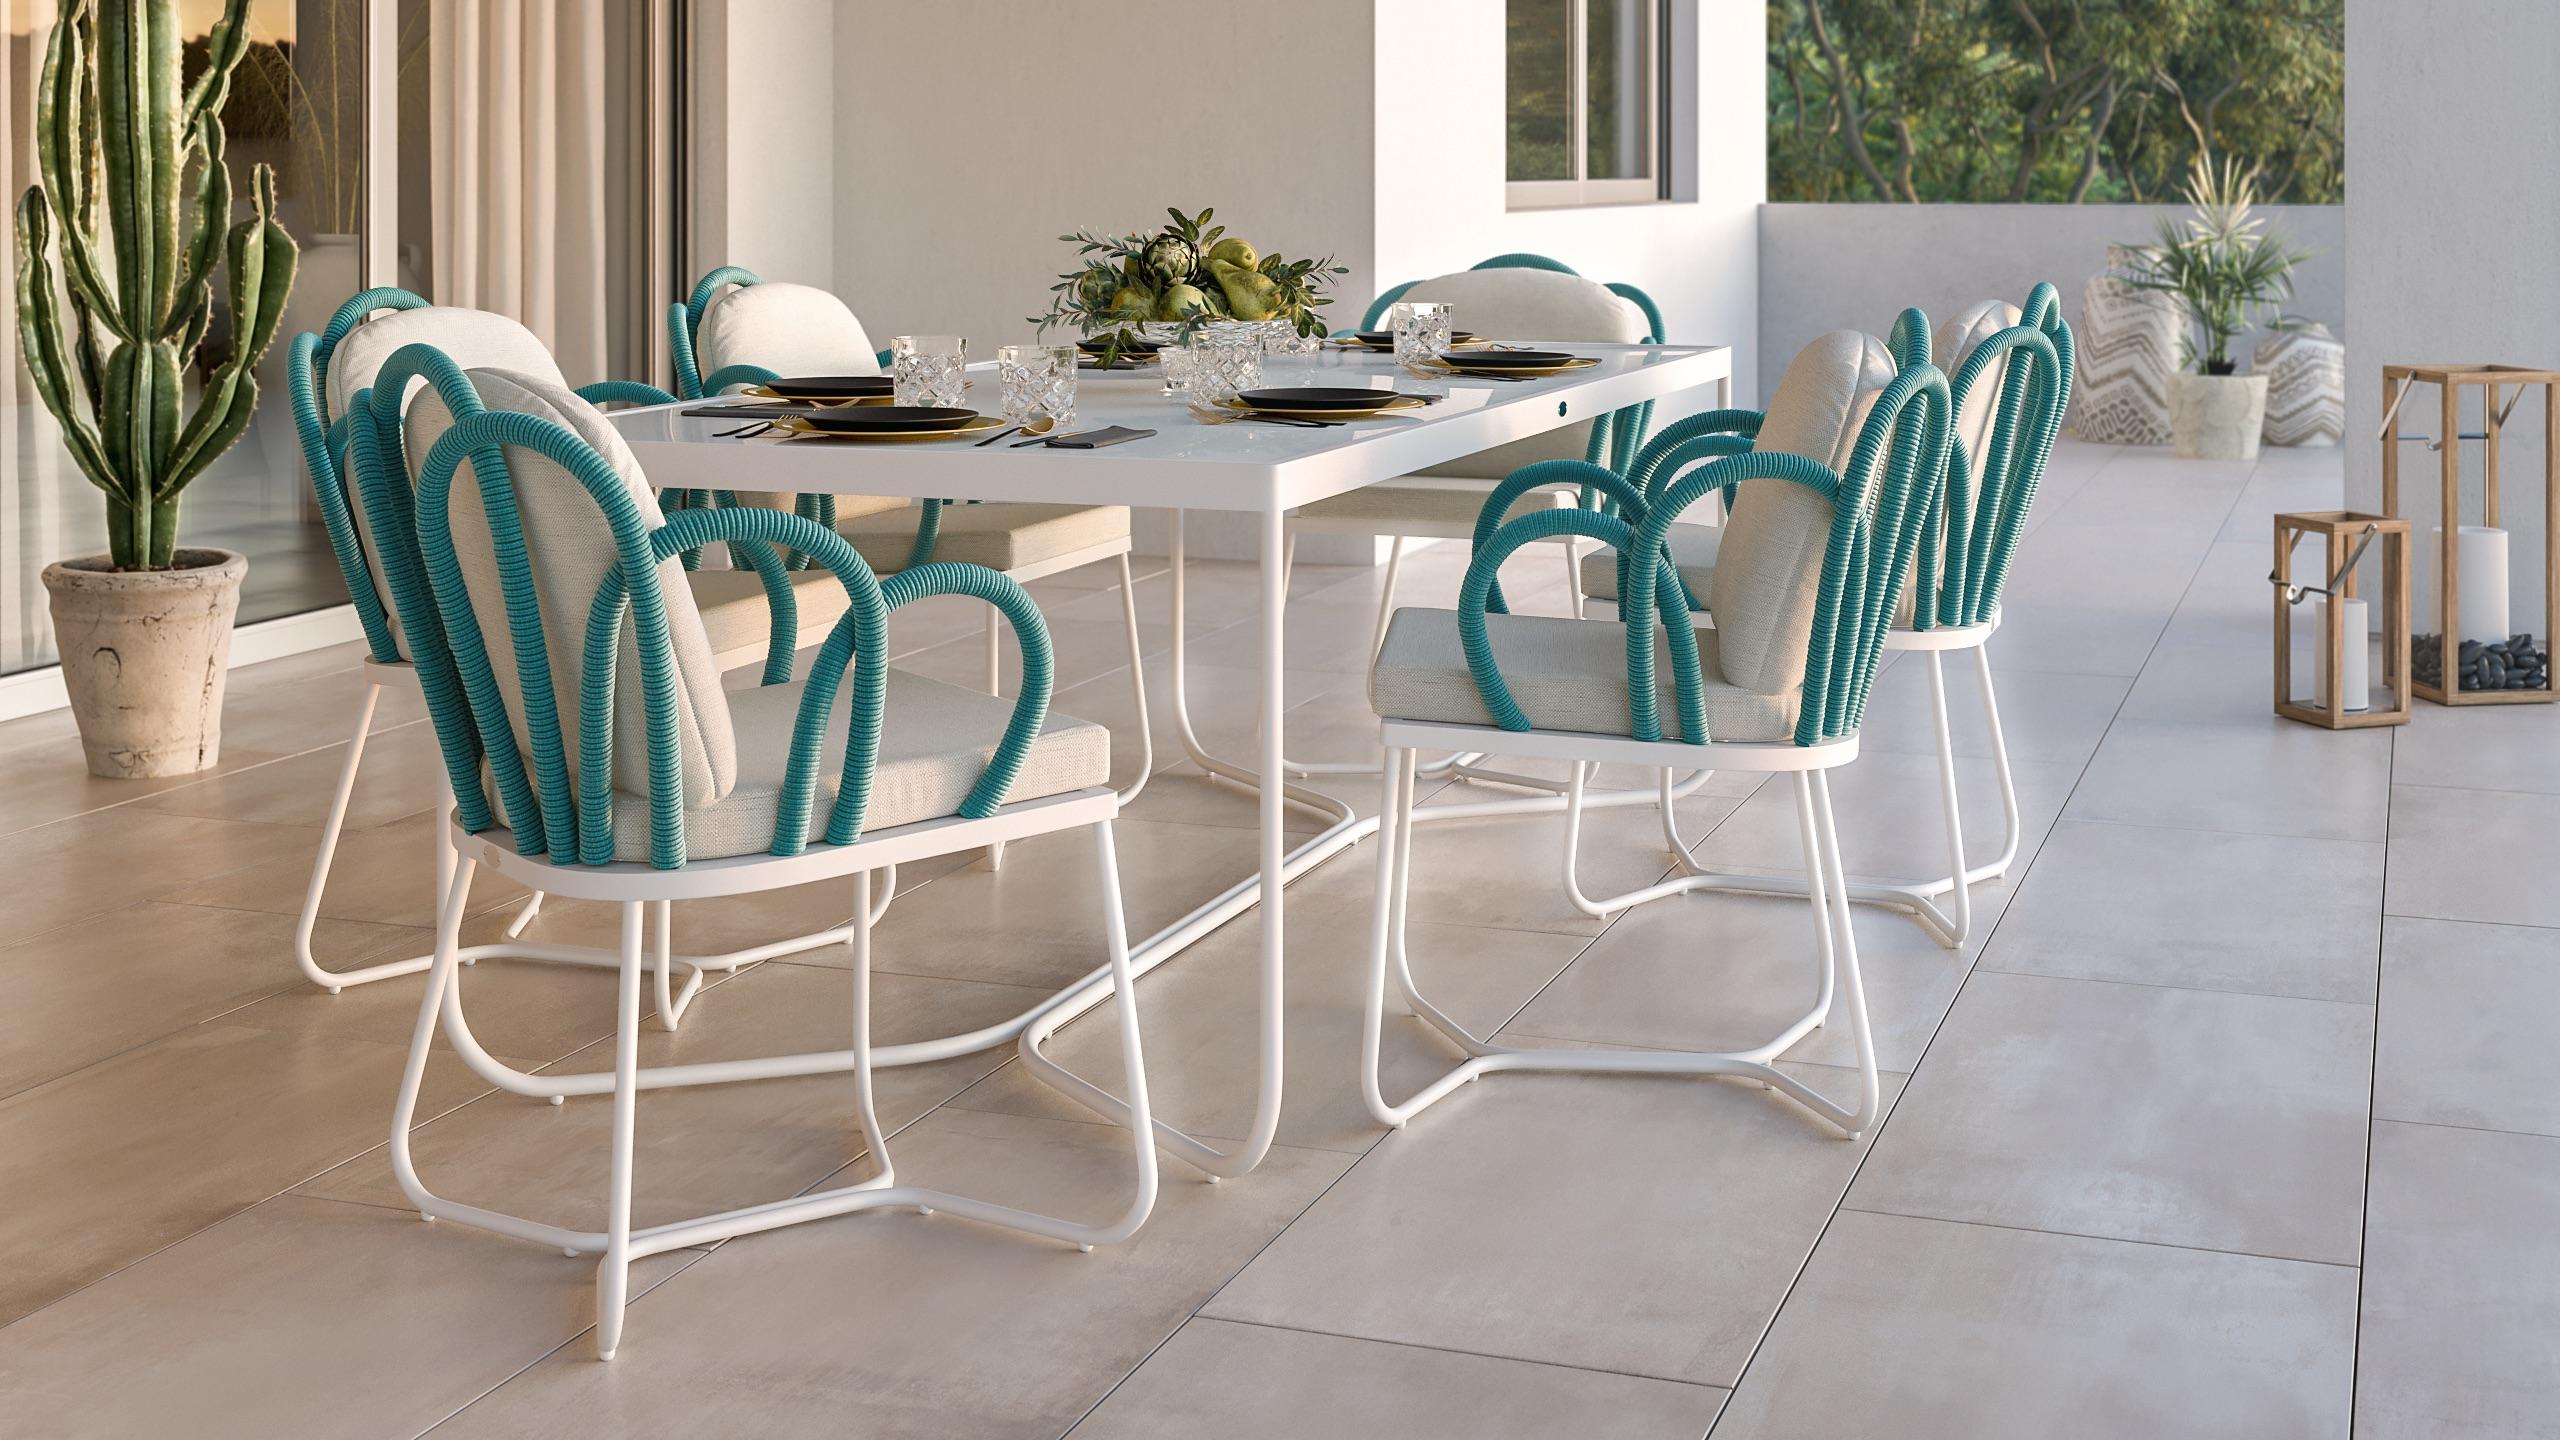 Loungemöbel - Essgruppen für Ihr Garten Lounge